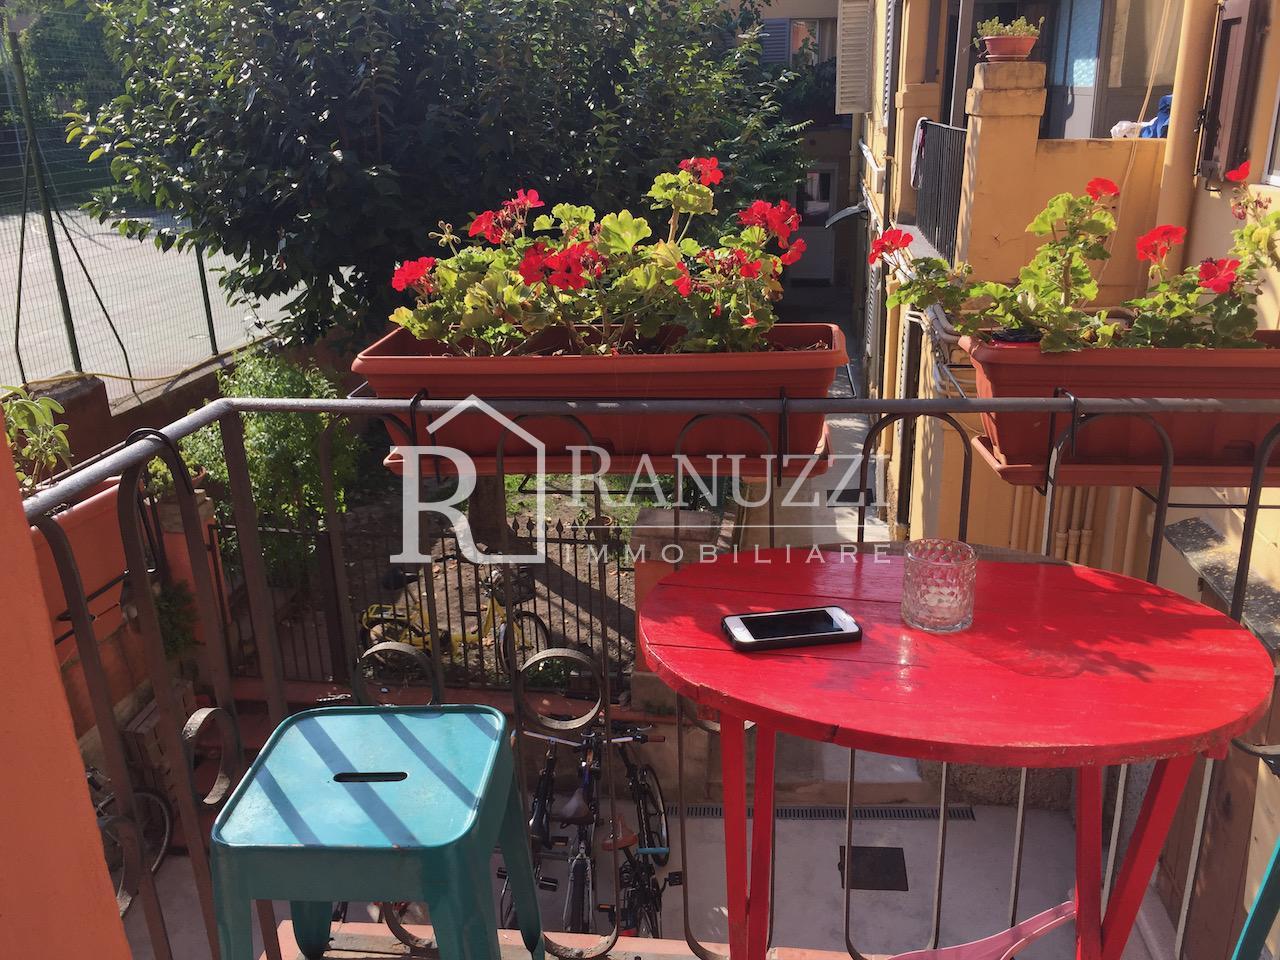 Bologna, Piazza S. Francesco_terrazzino abitabile per breakfast